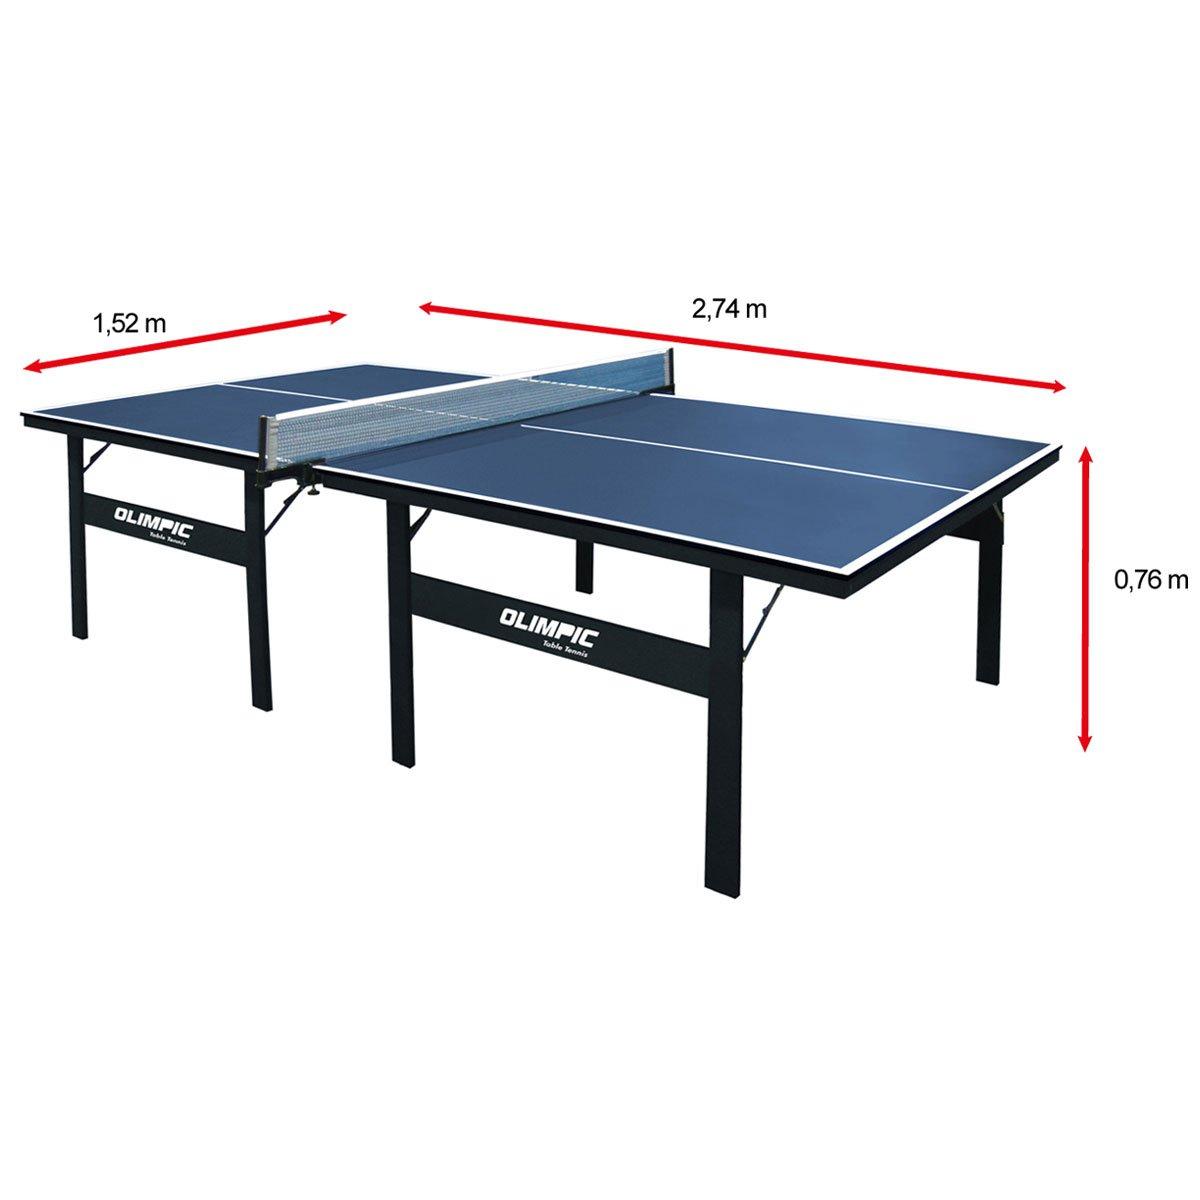 Mesa de Ping Pong / Tênis de Mesa Klopf Olimpic - 15 mm - Azul